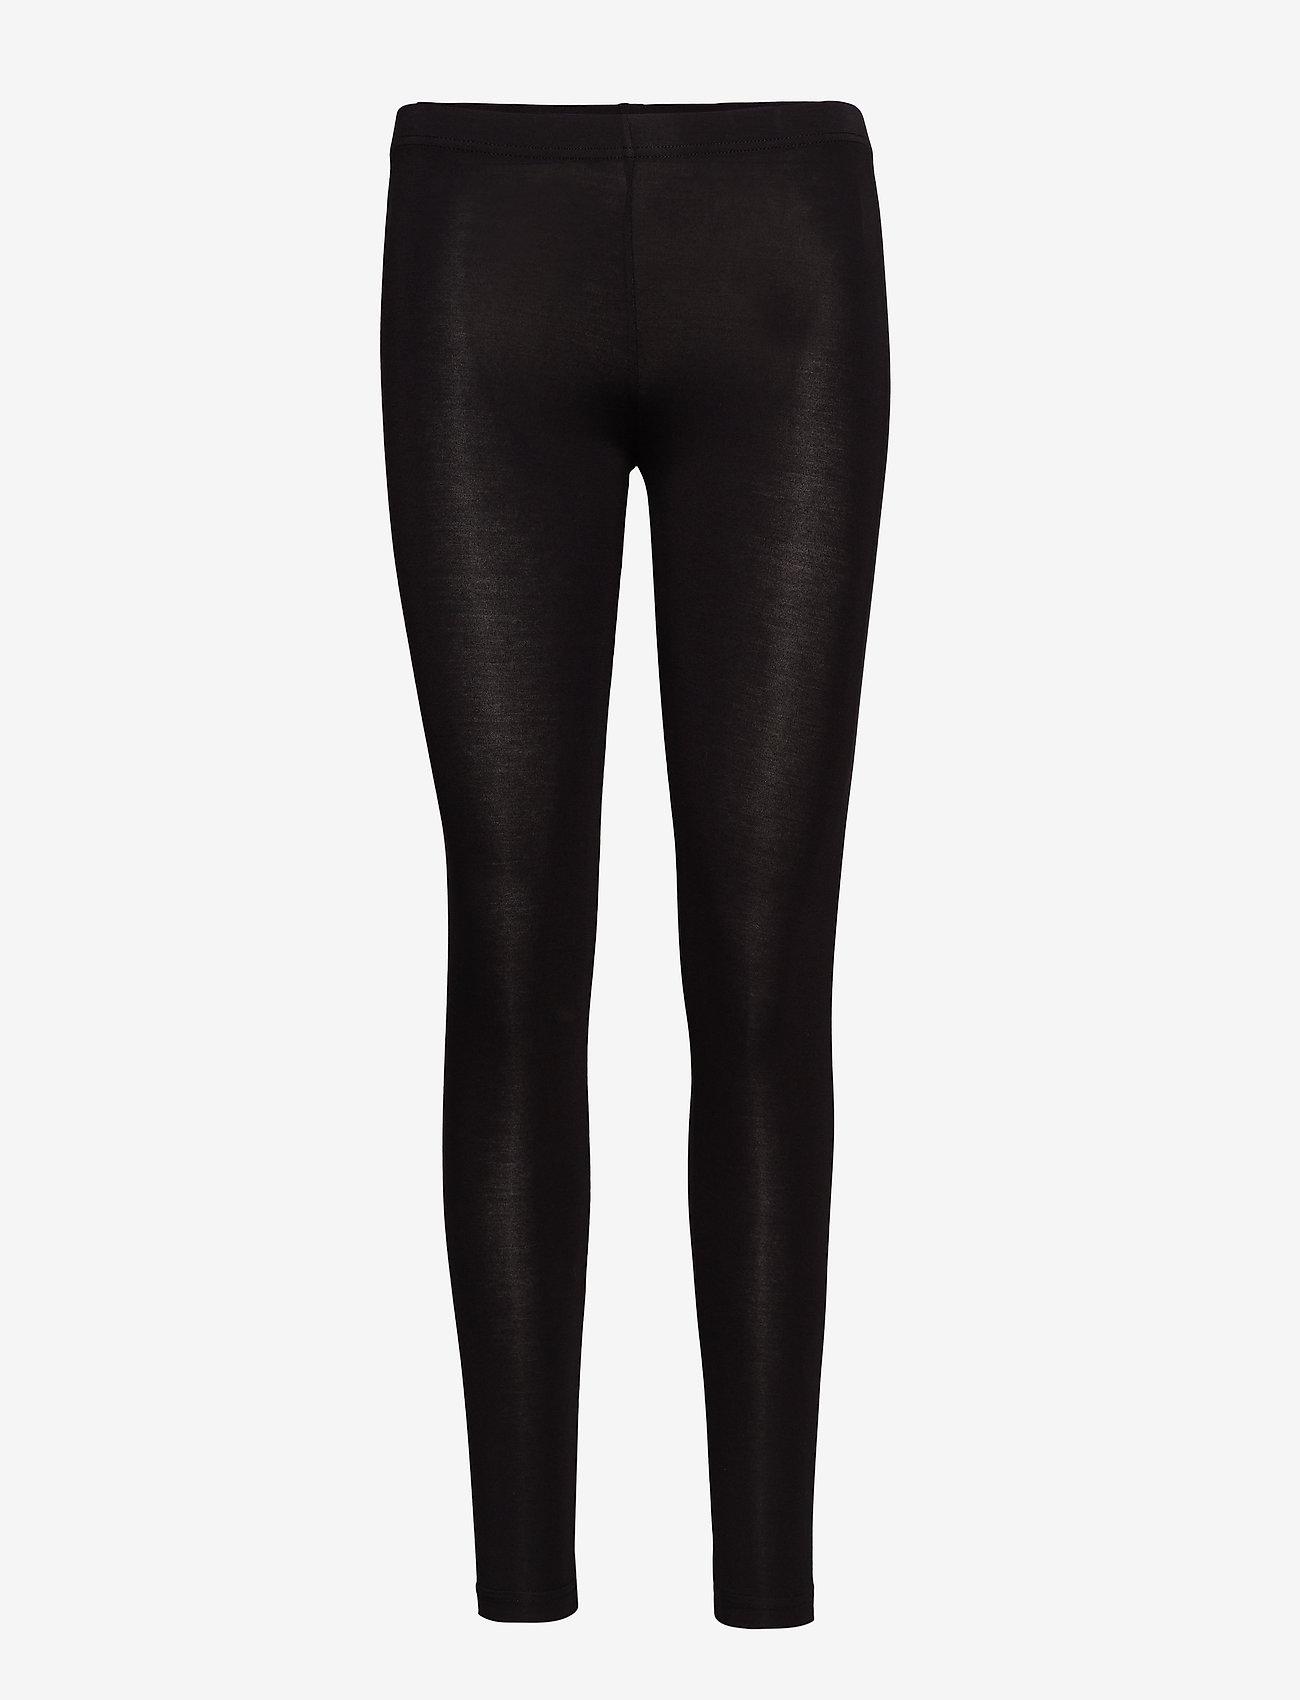 Noa Noa - Leggings - leggings - black - 0